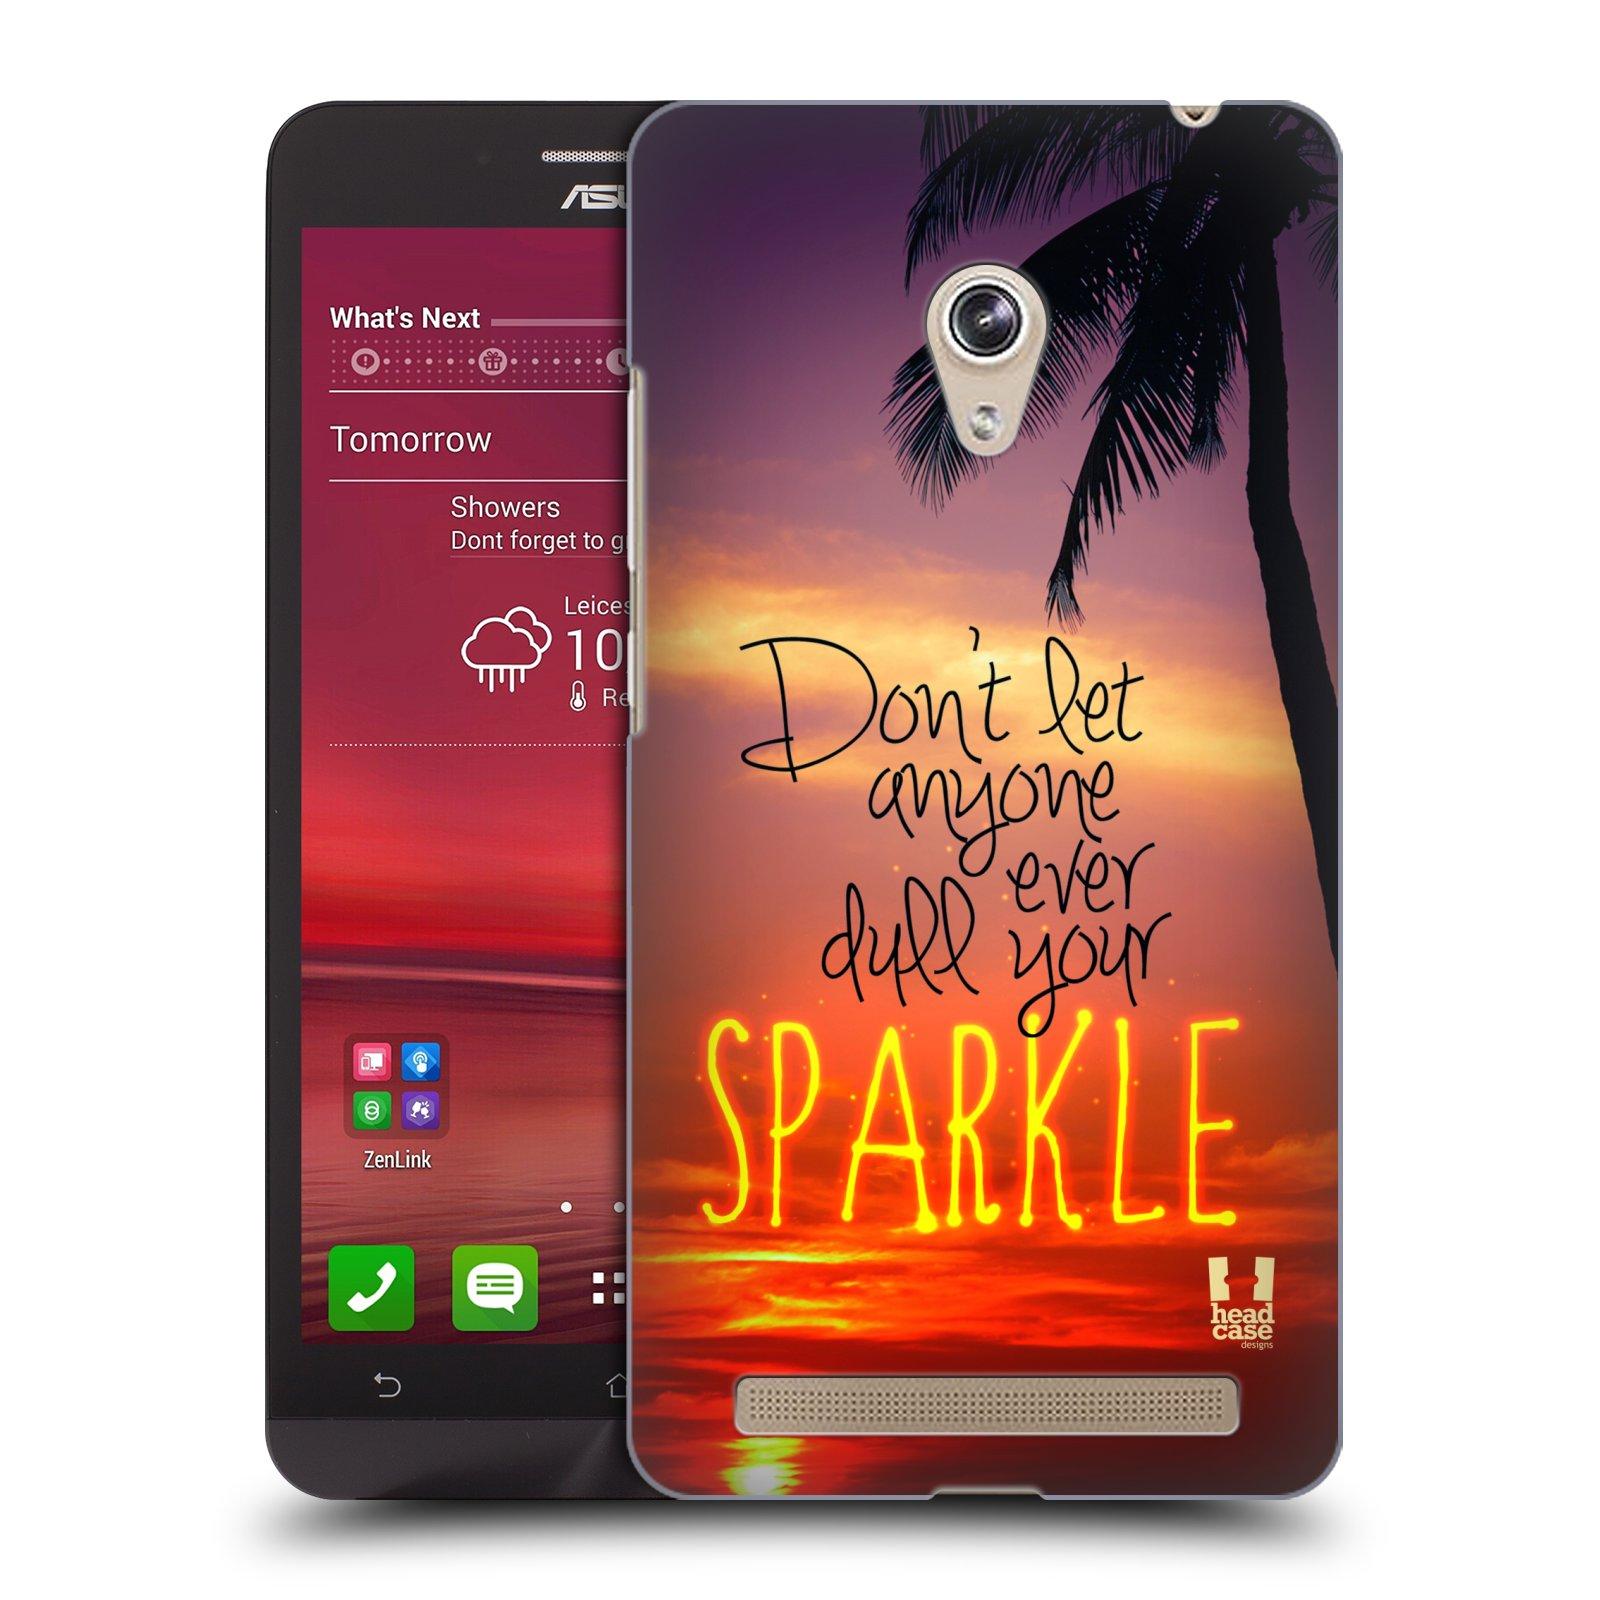 Plastové pouzdro na mobil Asus Zenfone 6 HEAD CASE SPARKLE (Kryt či obal na mobilní telefon Asus Zenfone 6 A600CG / A601CG)